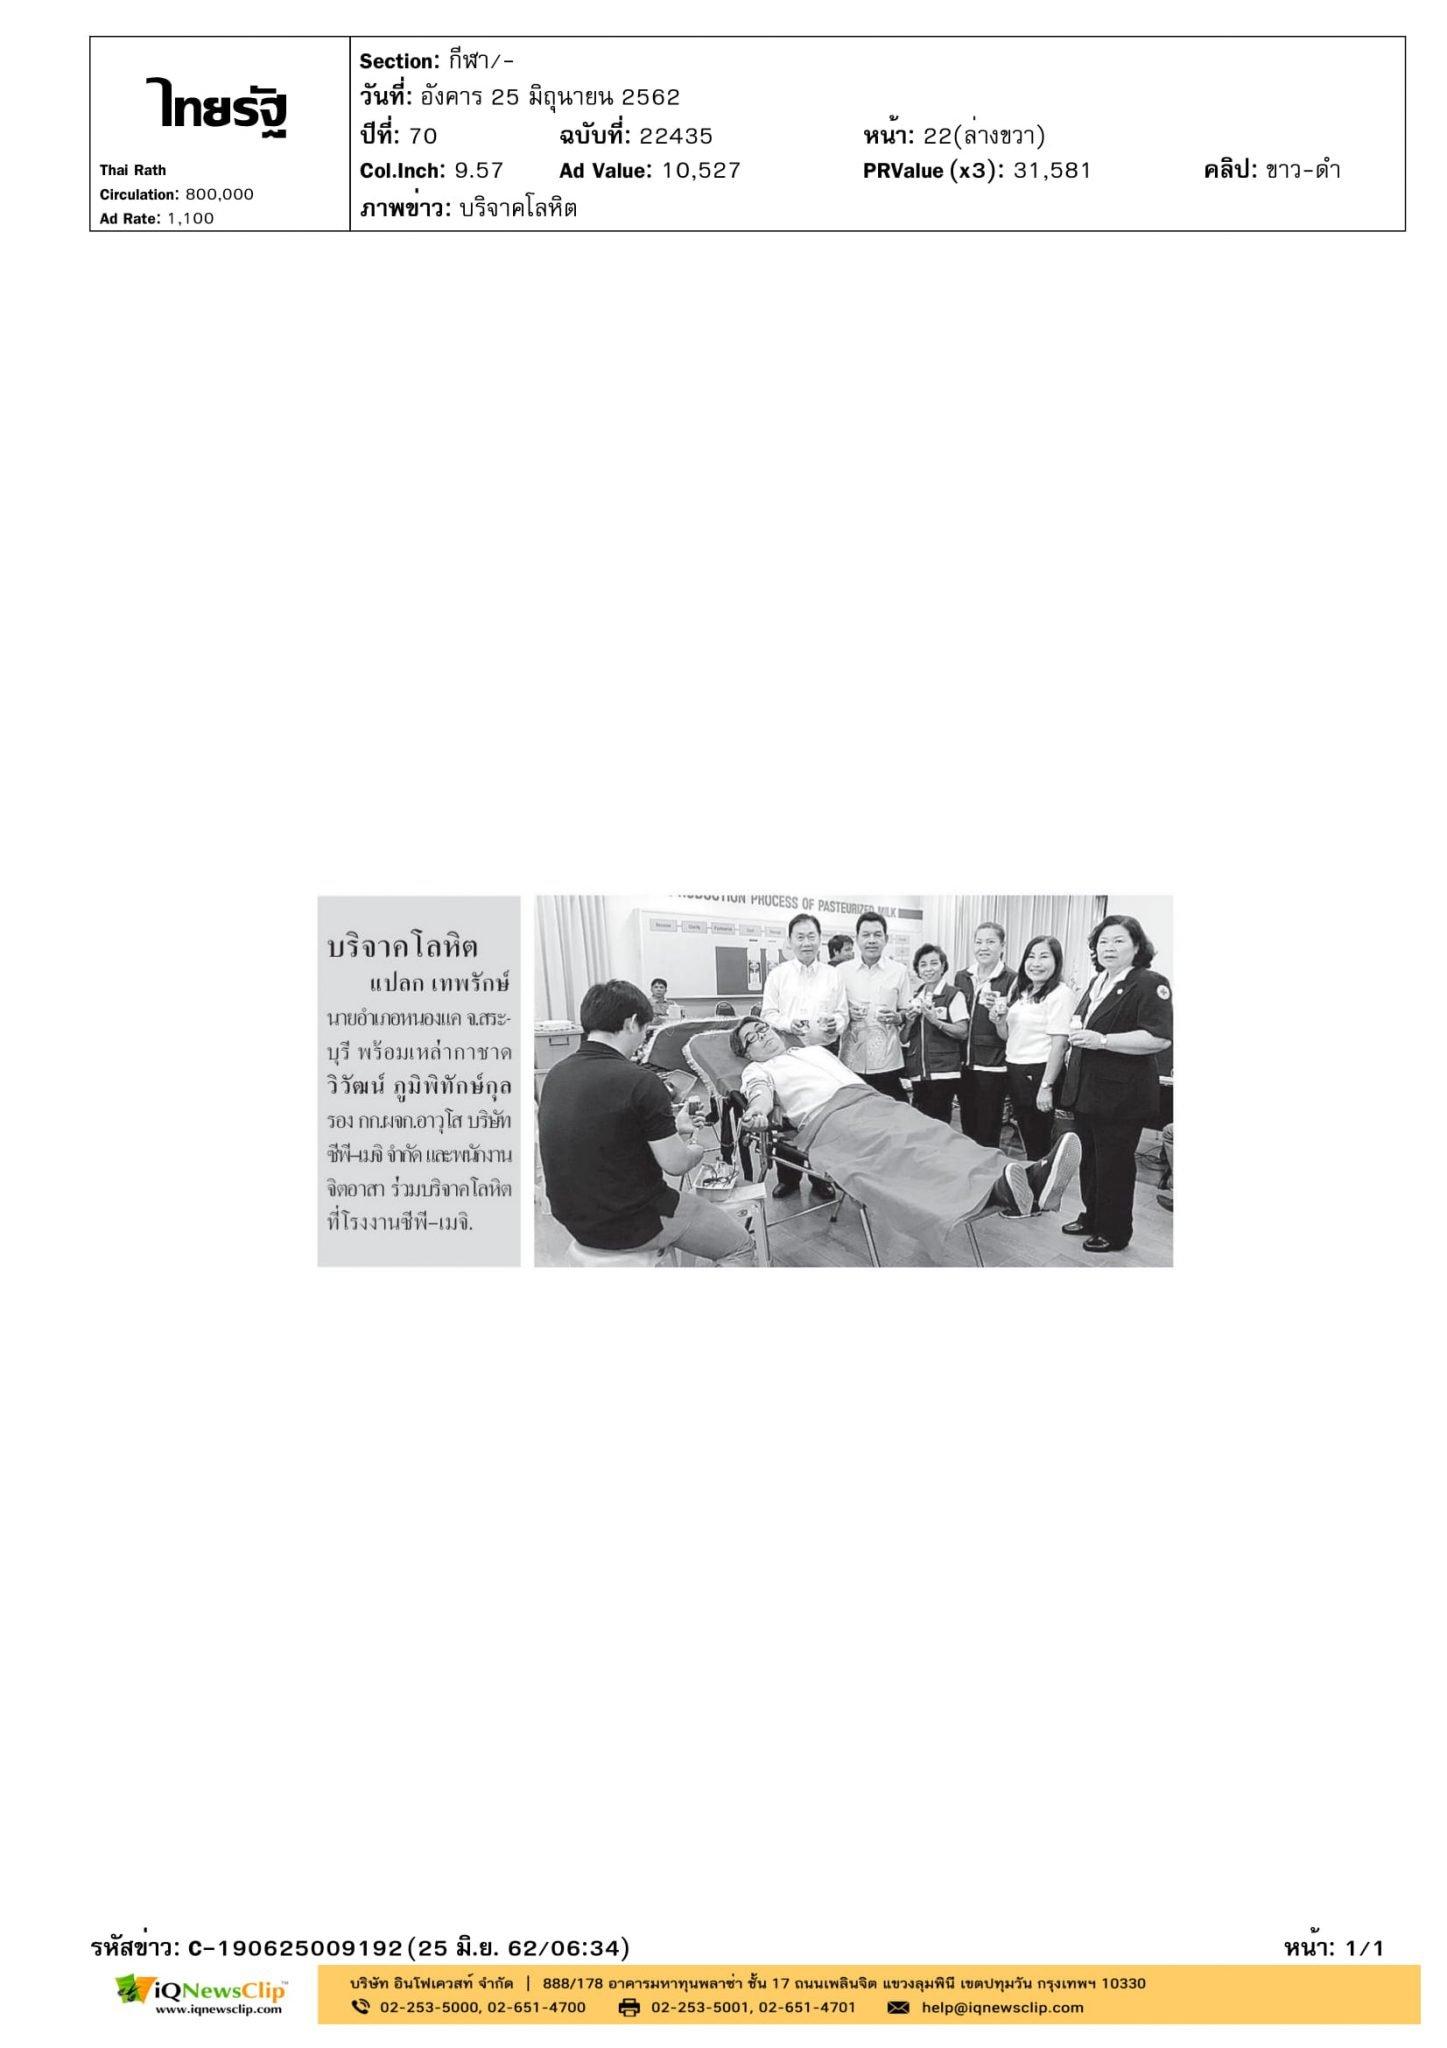 เหล่ากาชาด จ.สระบุรี ร่วมบริจาคโลหิต ณ โรงงานซีพี-เมจิ